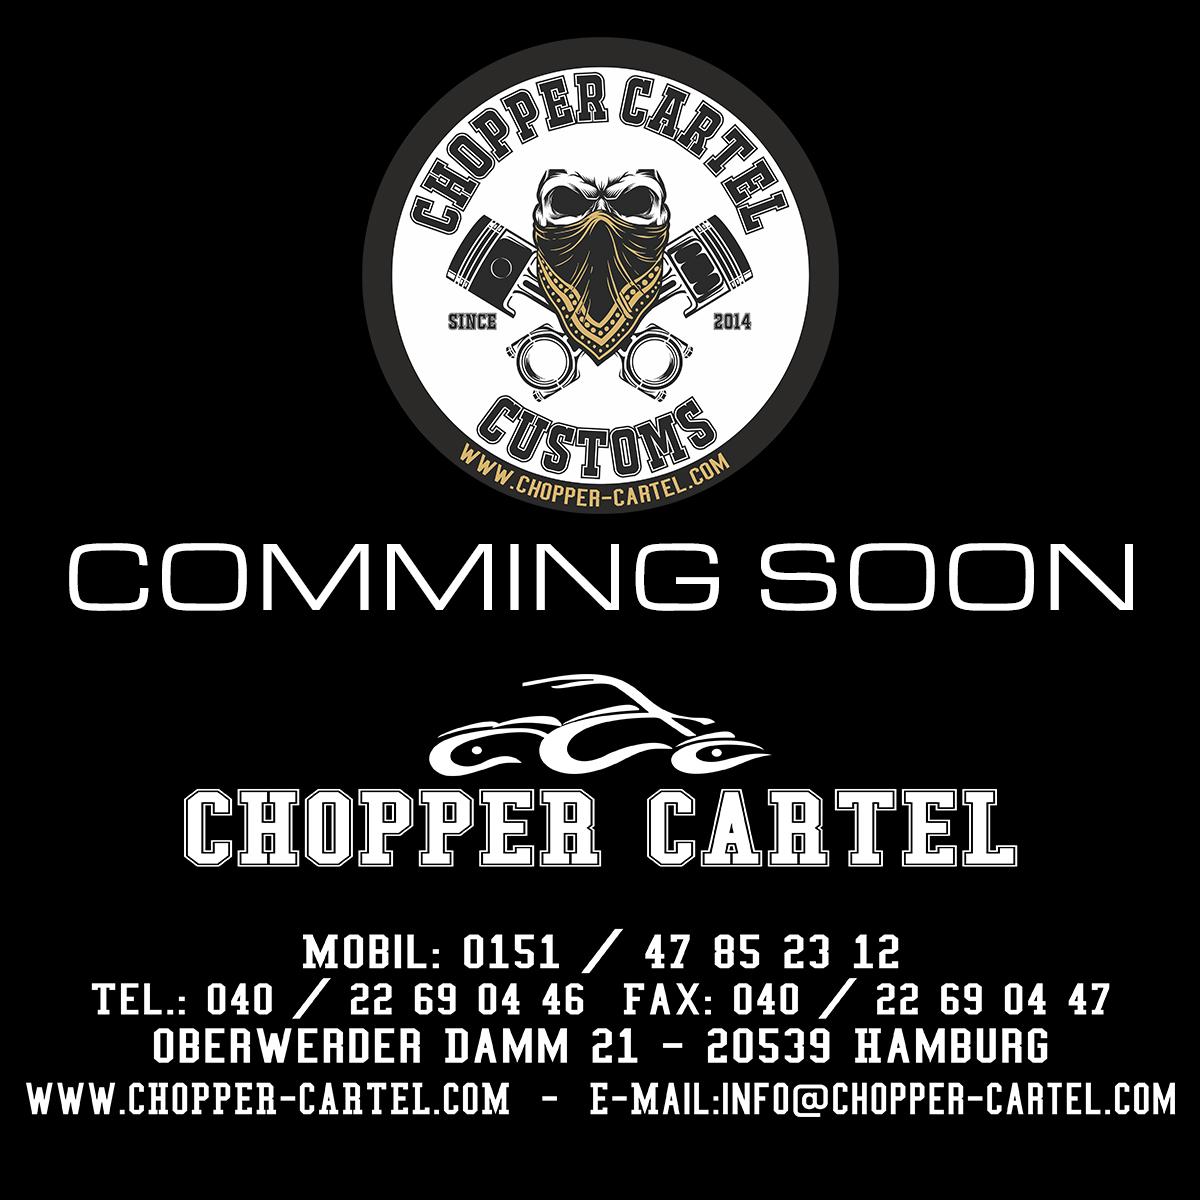 CHOPPER CARTEL